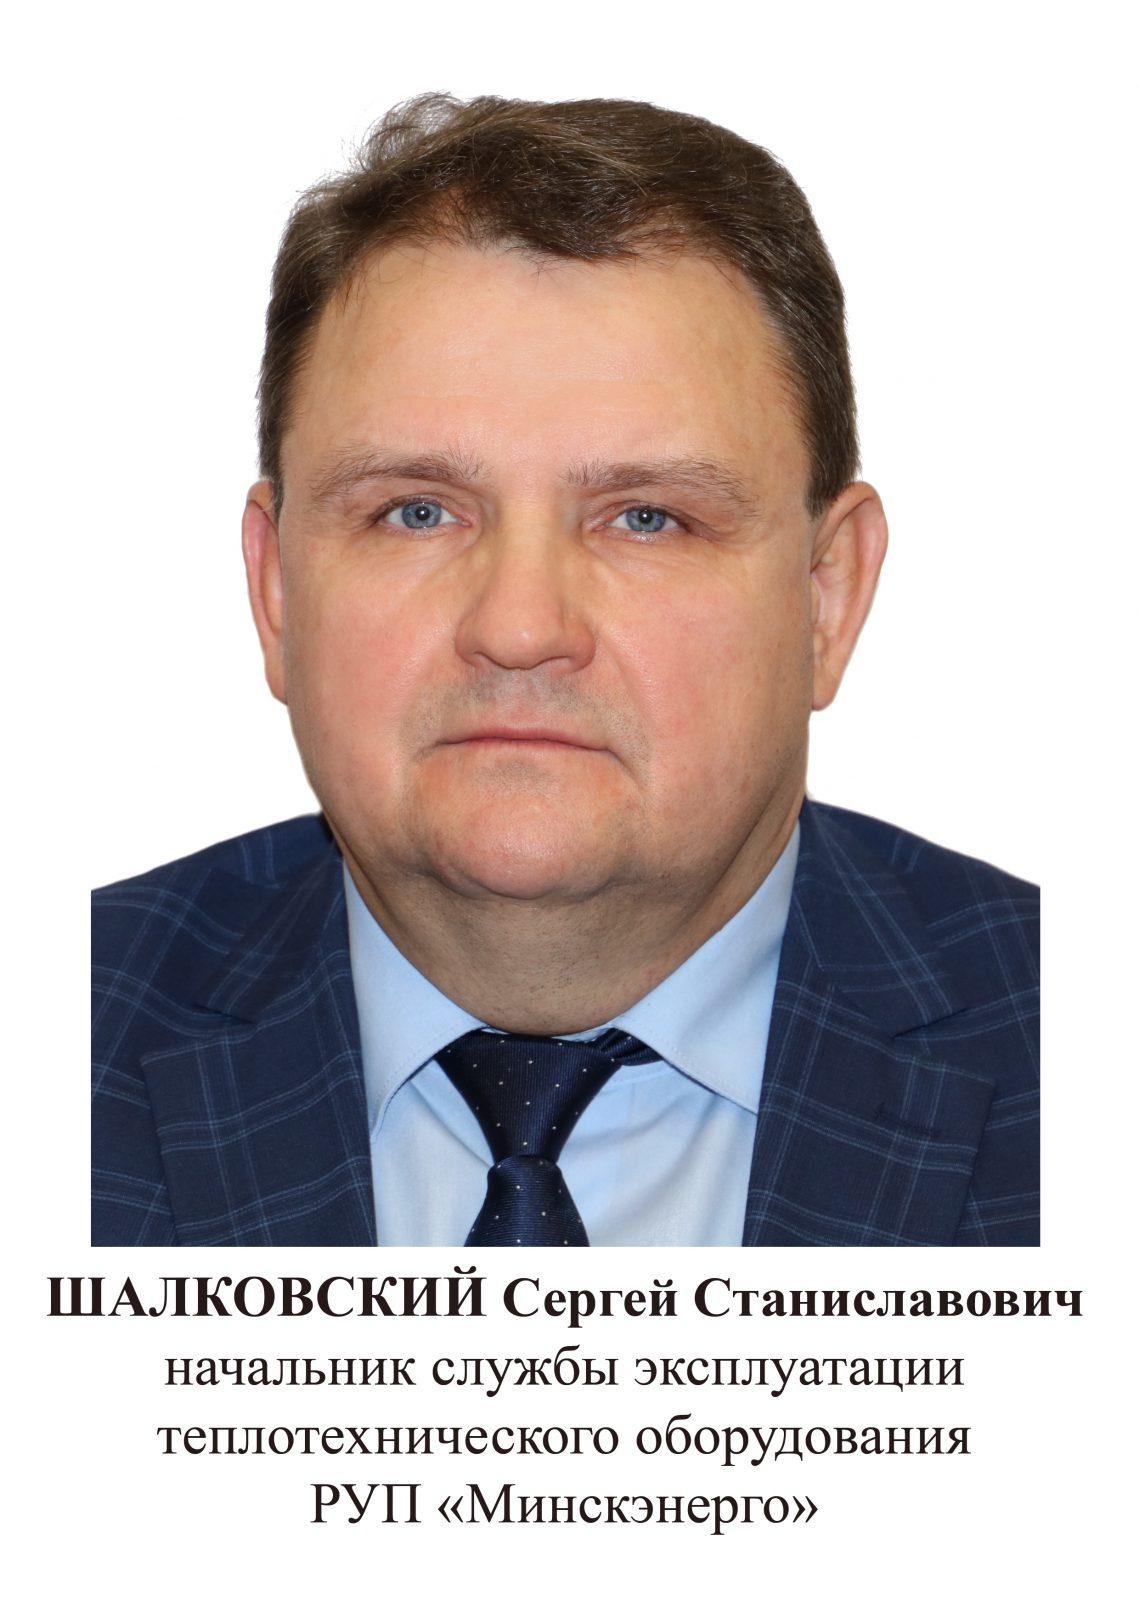 Шалковскай Сергей Станиславович